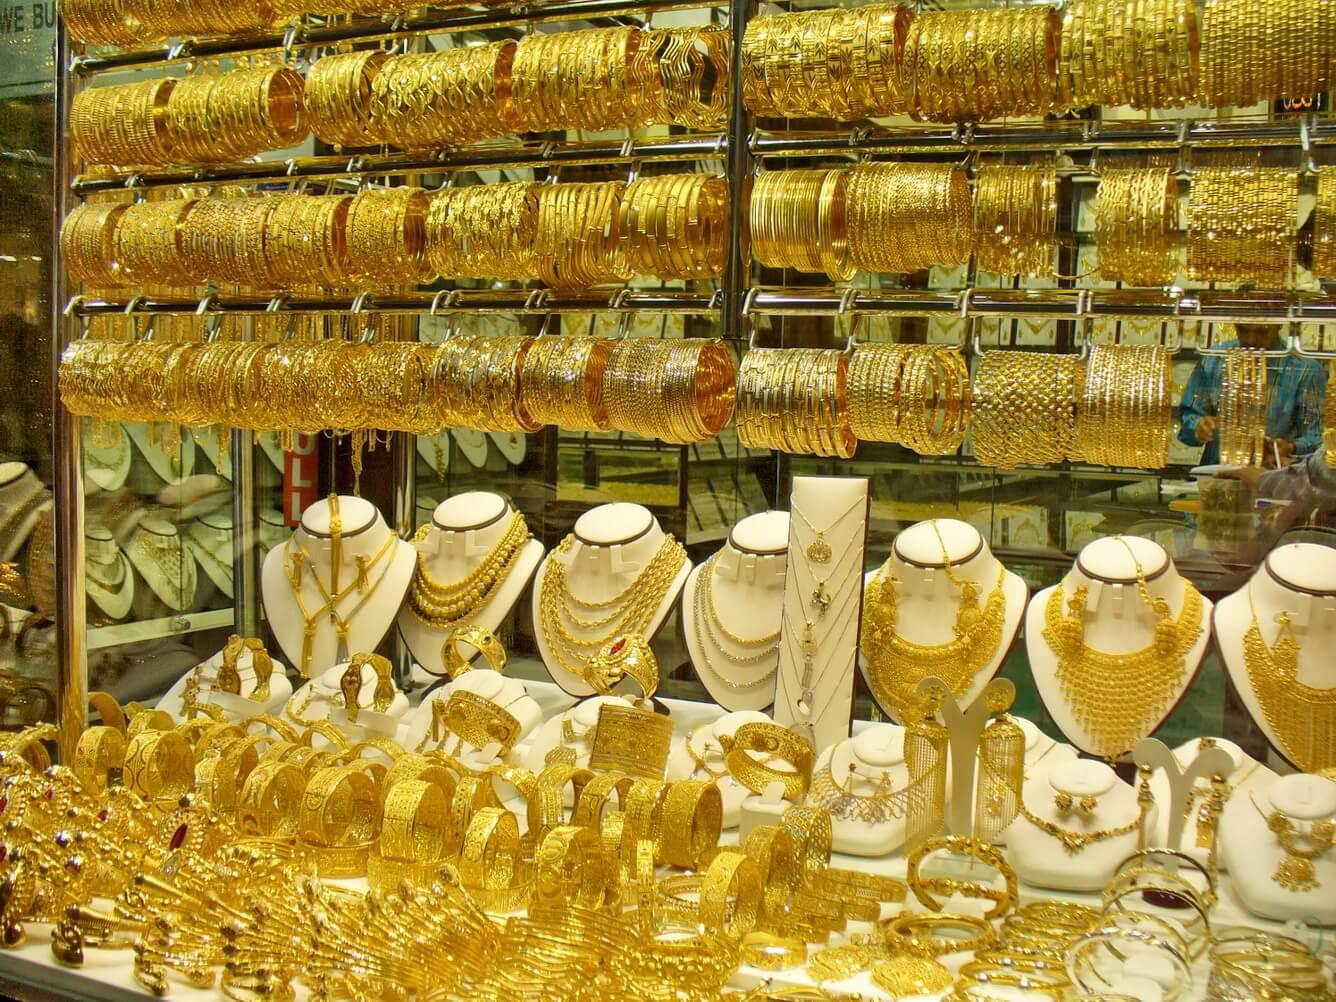 Đến Dubai thỏa thích mua sắm hàng hiệu